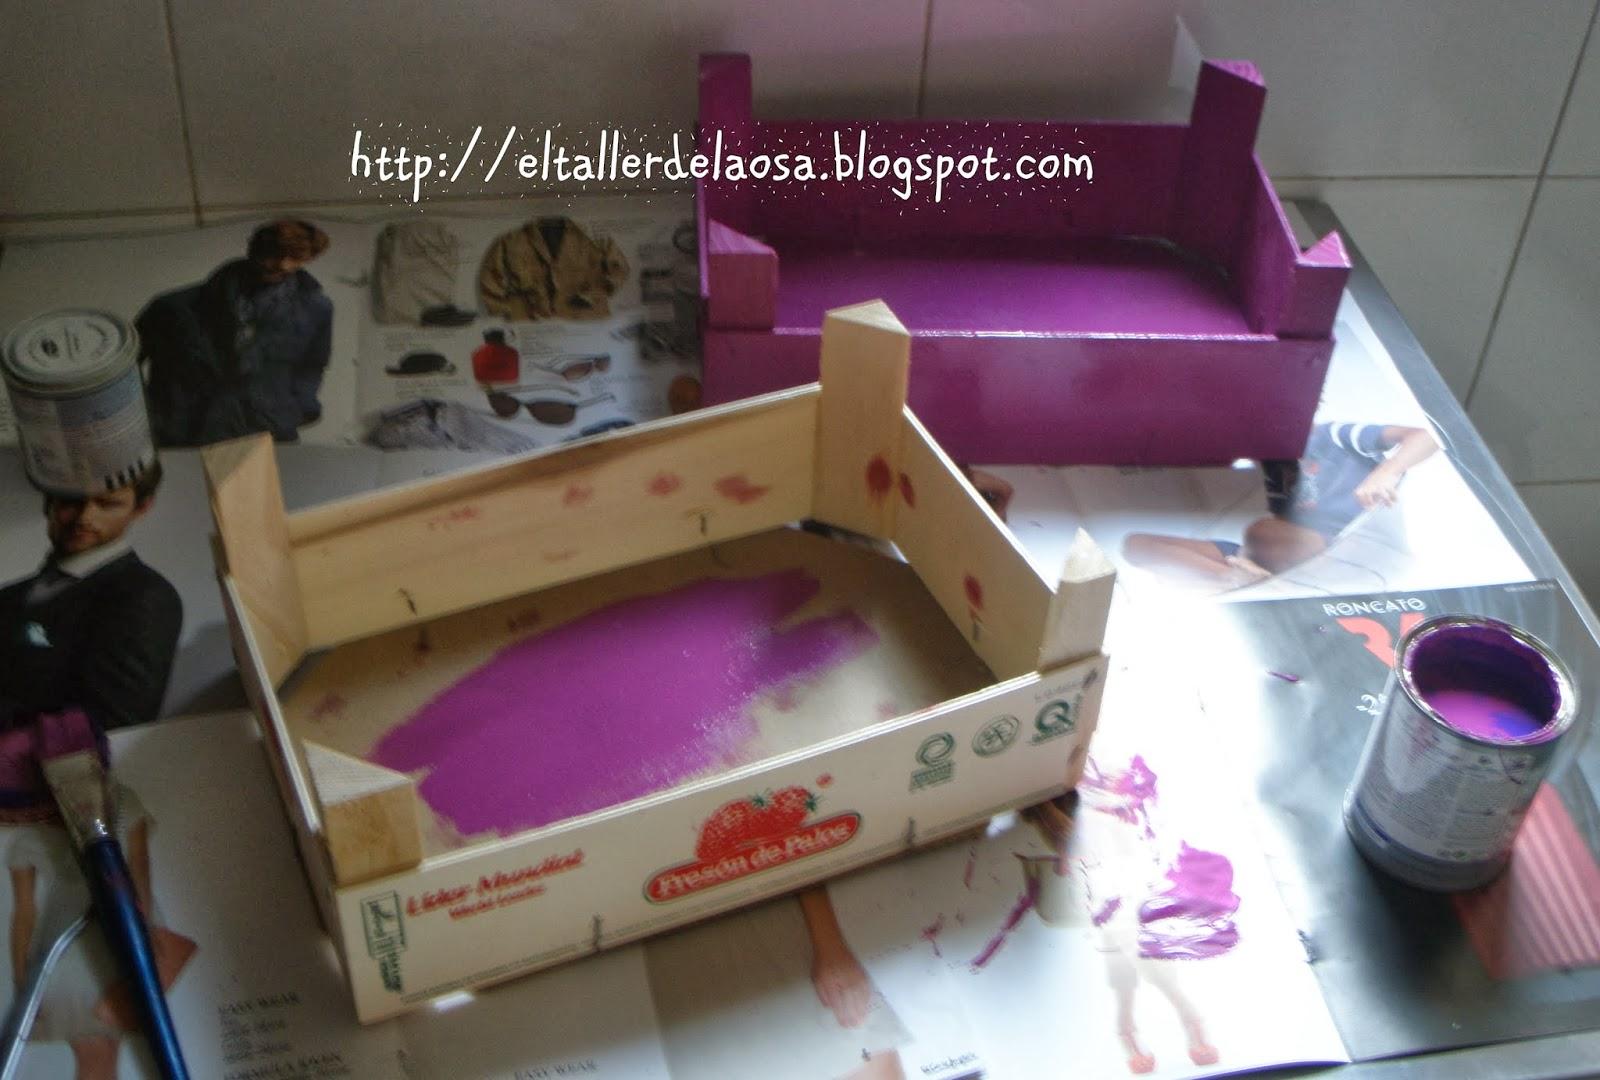 El taller de la osa tutorial para hacer un expositor - Chinchetas para tapizar ...